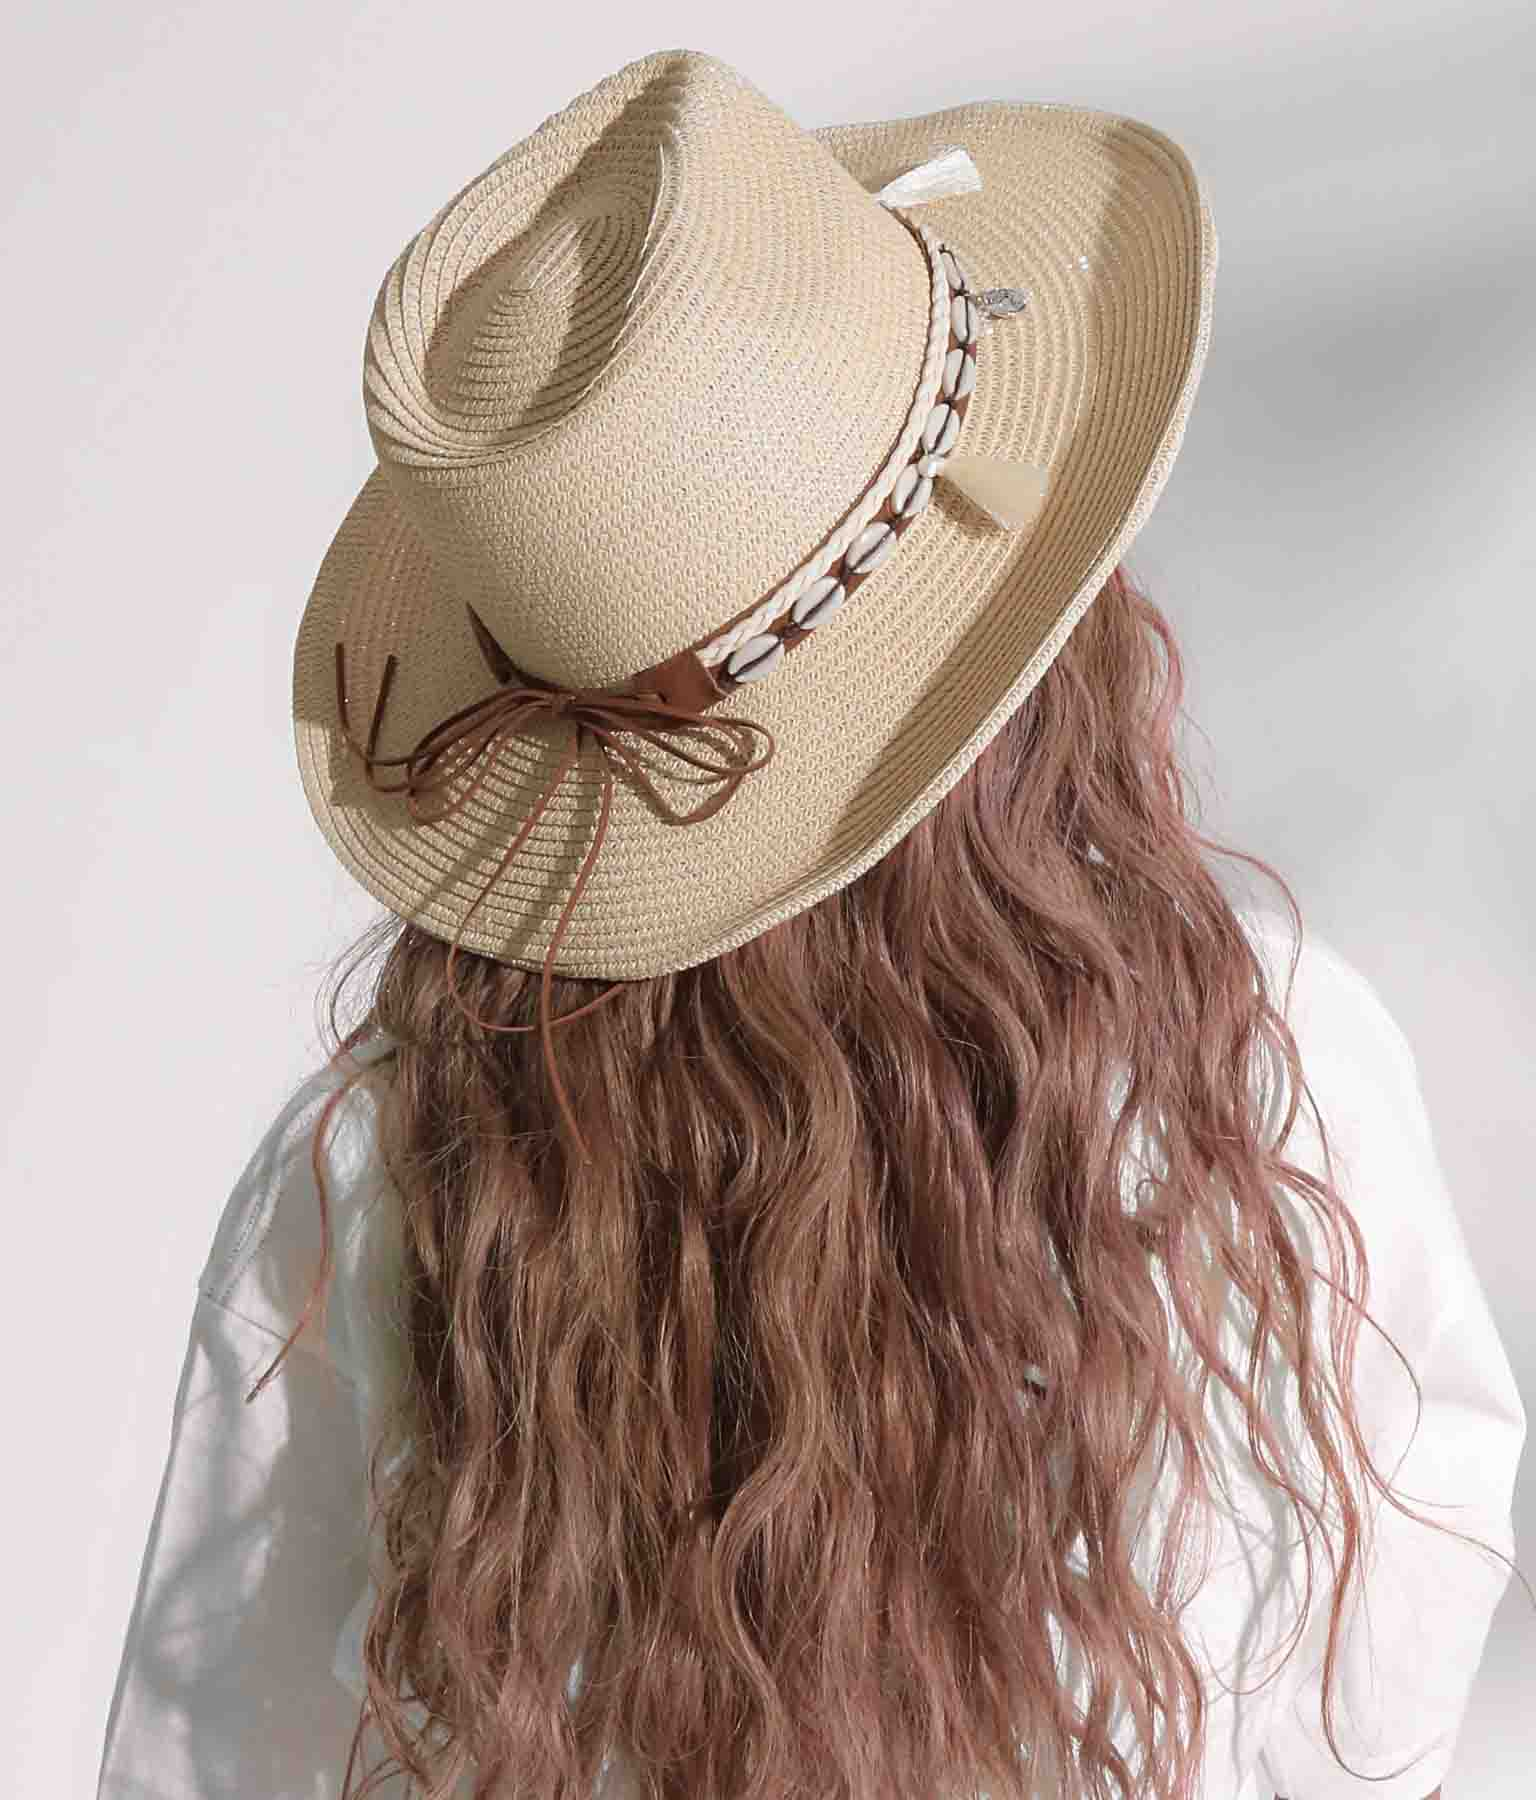 シェルタッセル付きストローハット(ファッション雑貨/ハット・キャップ・ニット帽 ・キャスケット・ベレー帽)   anap mimpi